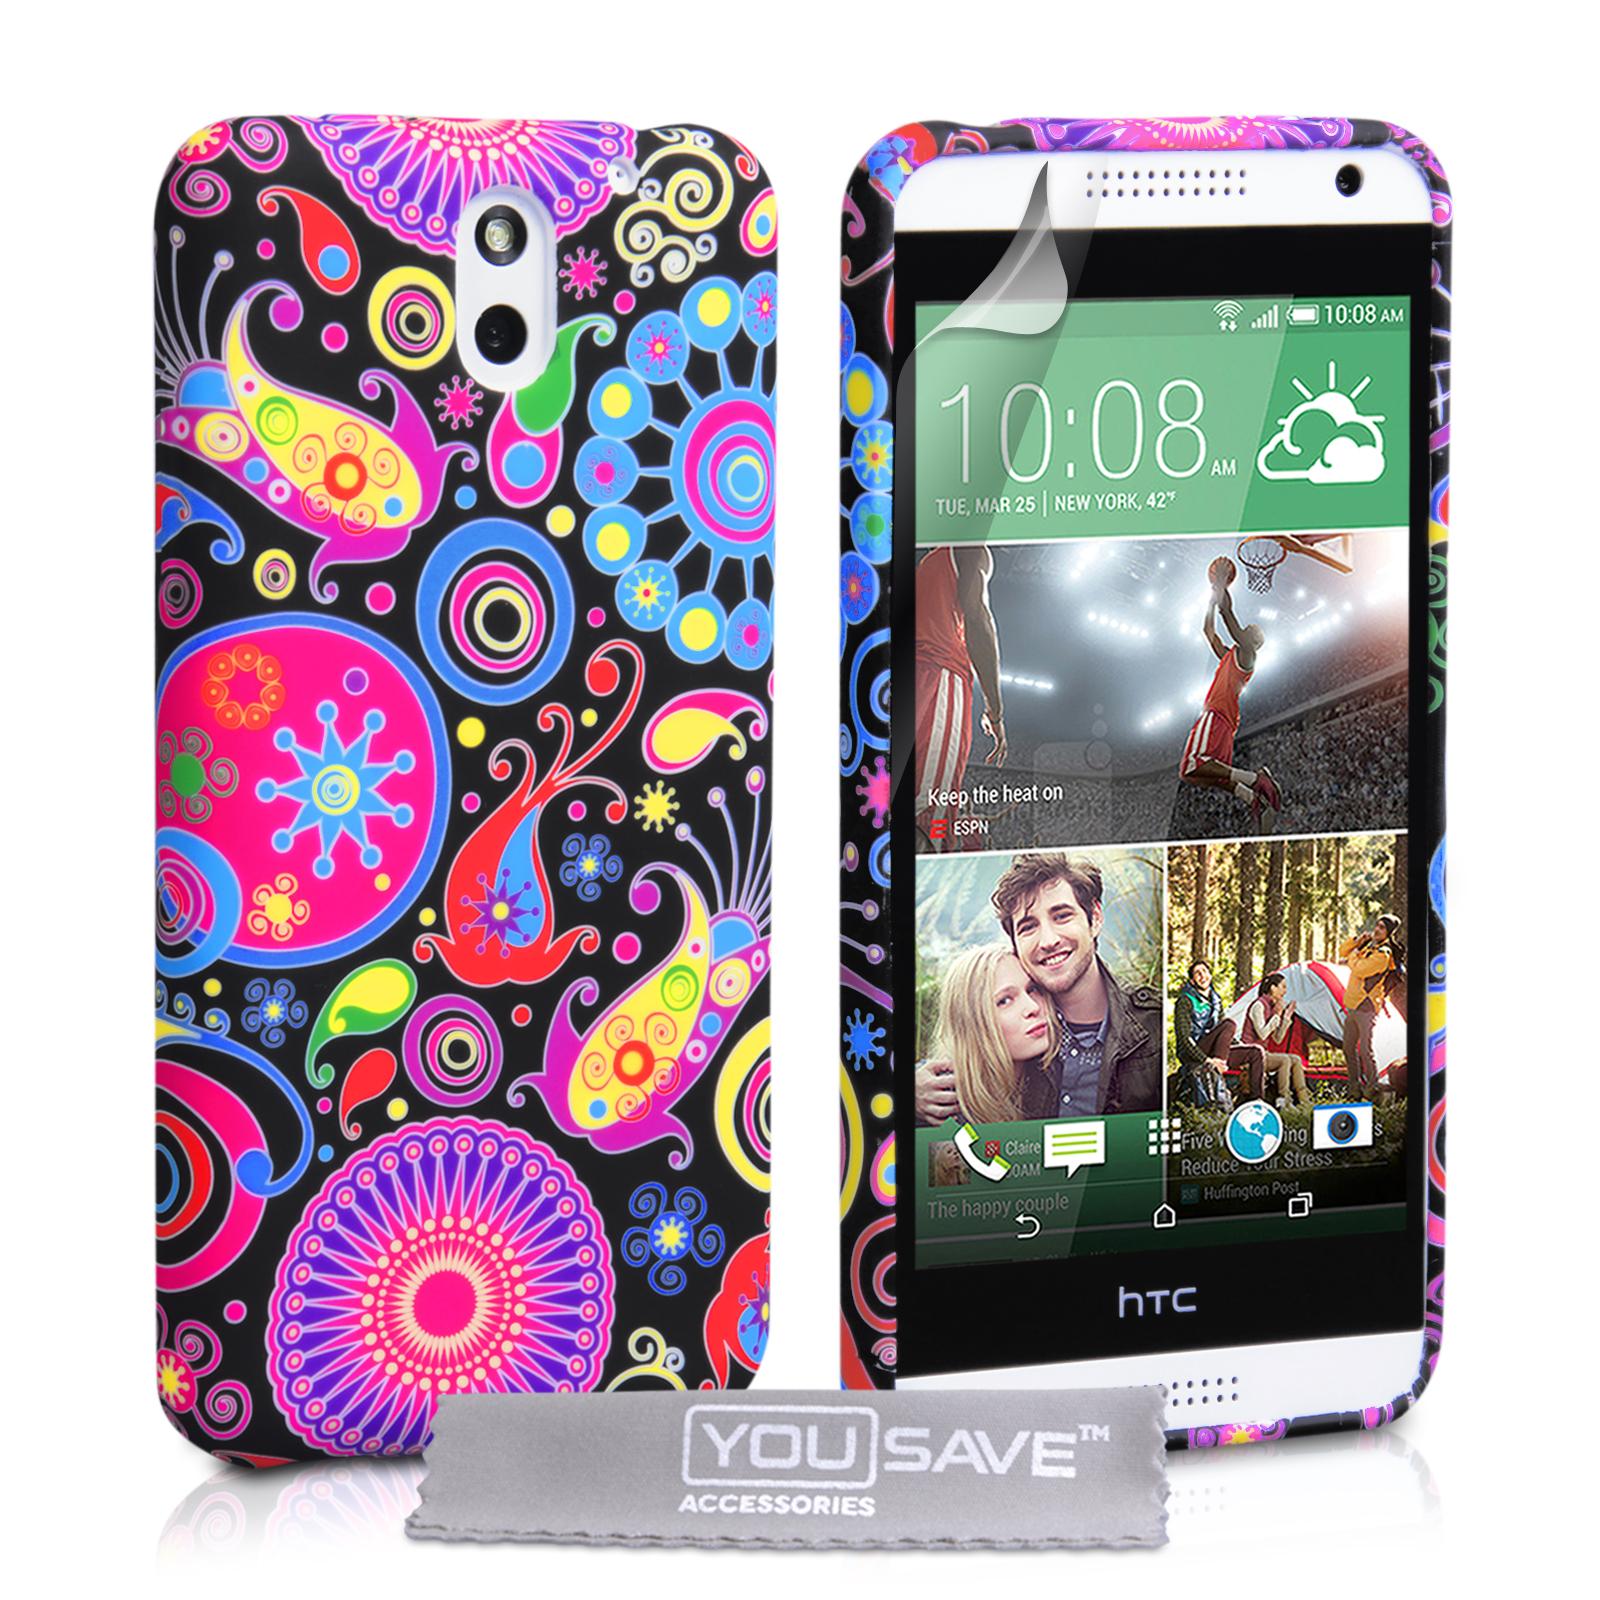 Θήκη HTC Desire 610 by YouSave (Z439) θήκες κινητών